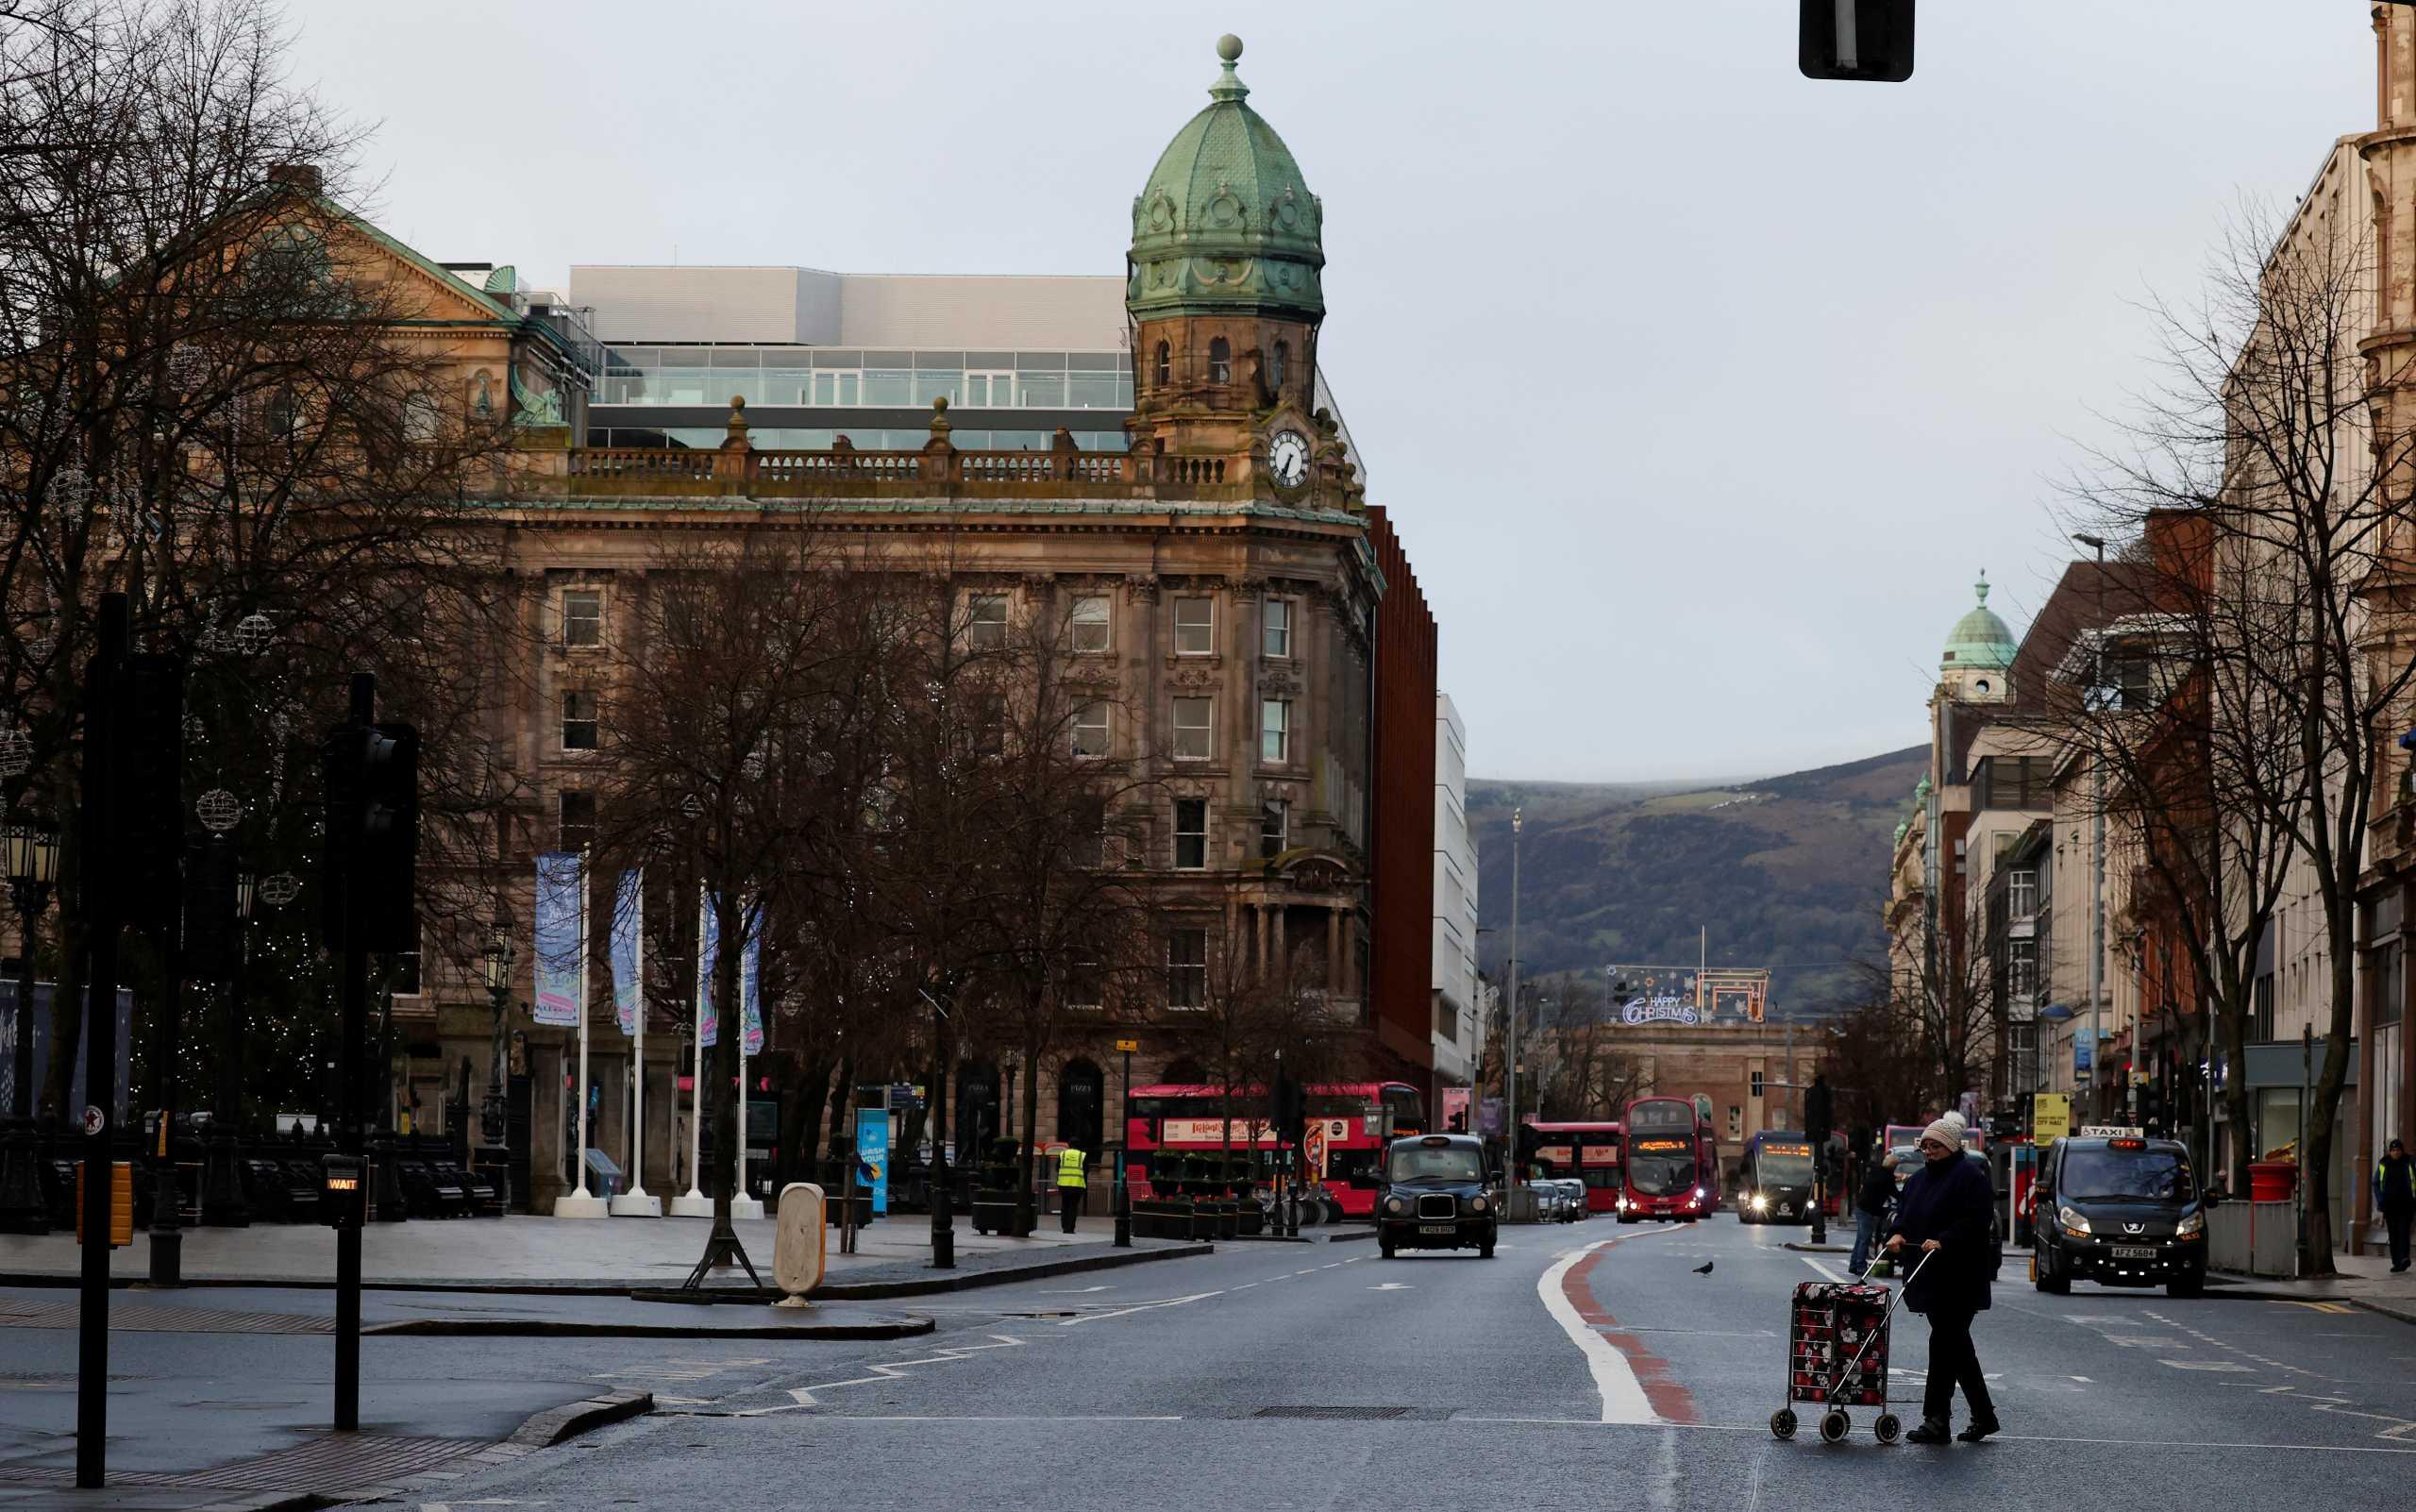 Κορονοϊός: Σε lockdown η Ιρλανδία μέχρι και τον Μάρτιο